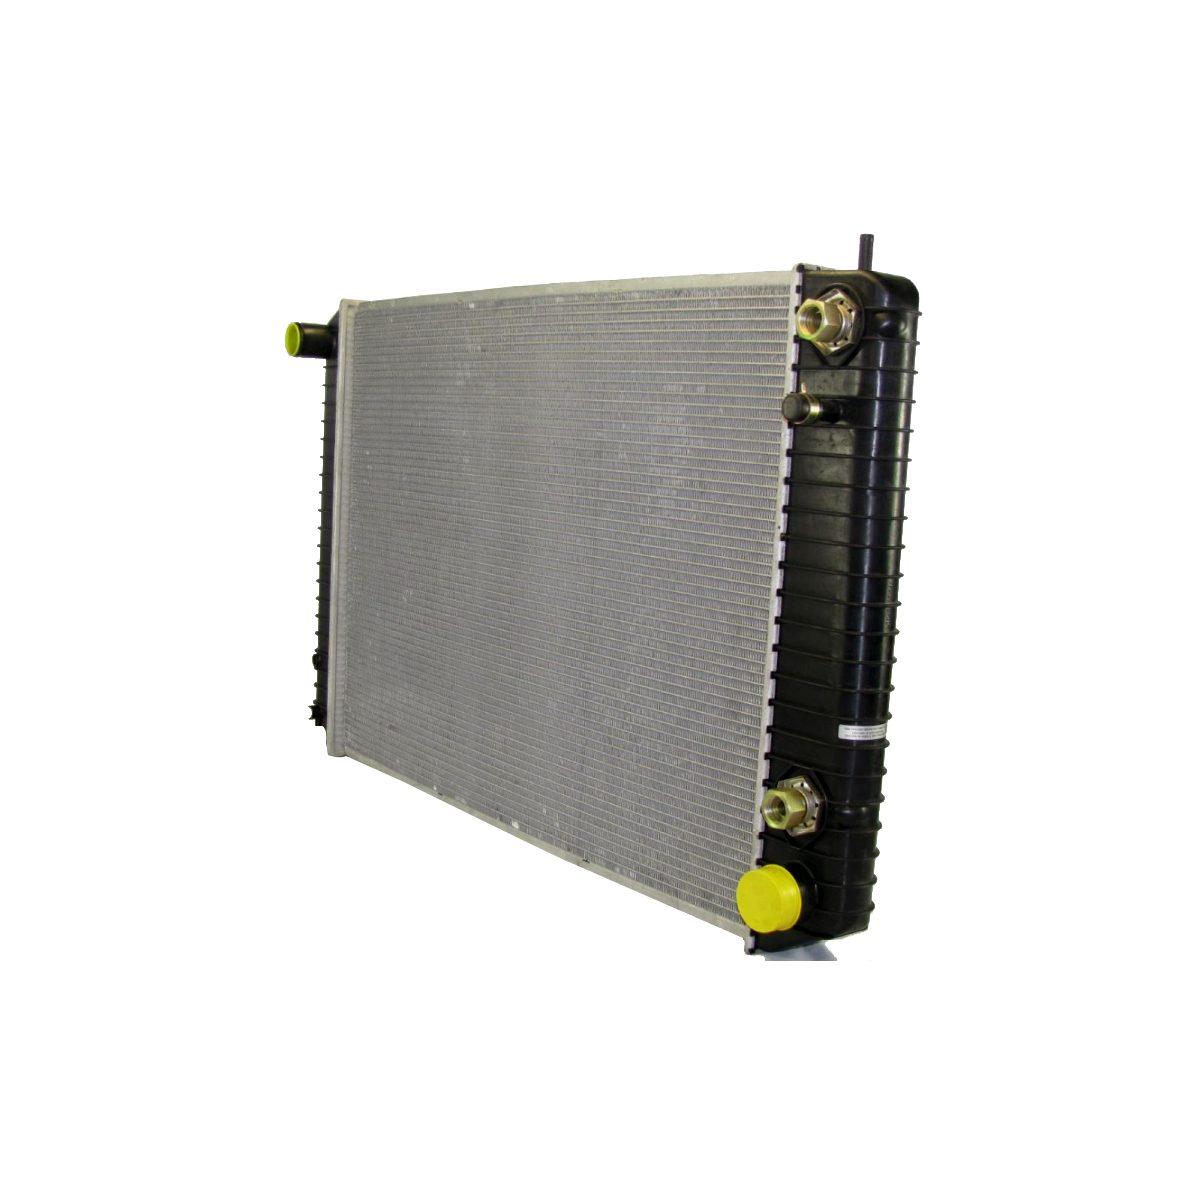 chevrolet gmc kodiak topkick bus chassis multiple radiator oem 1r2679